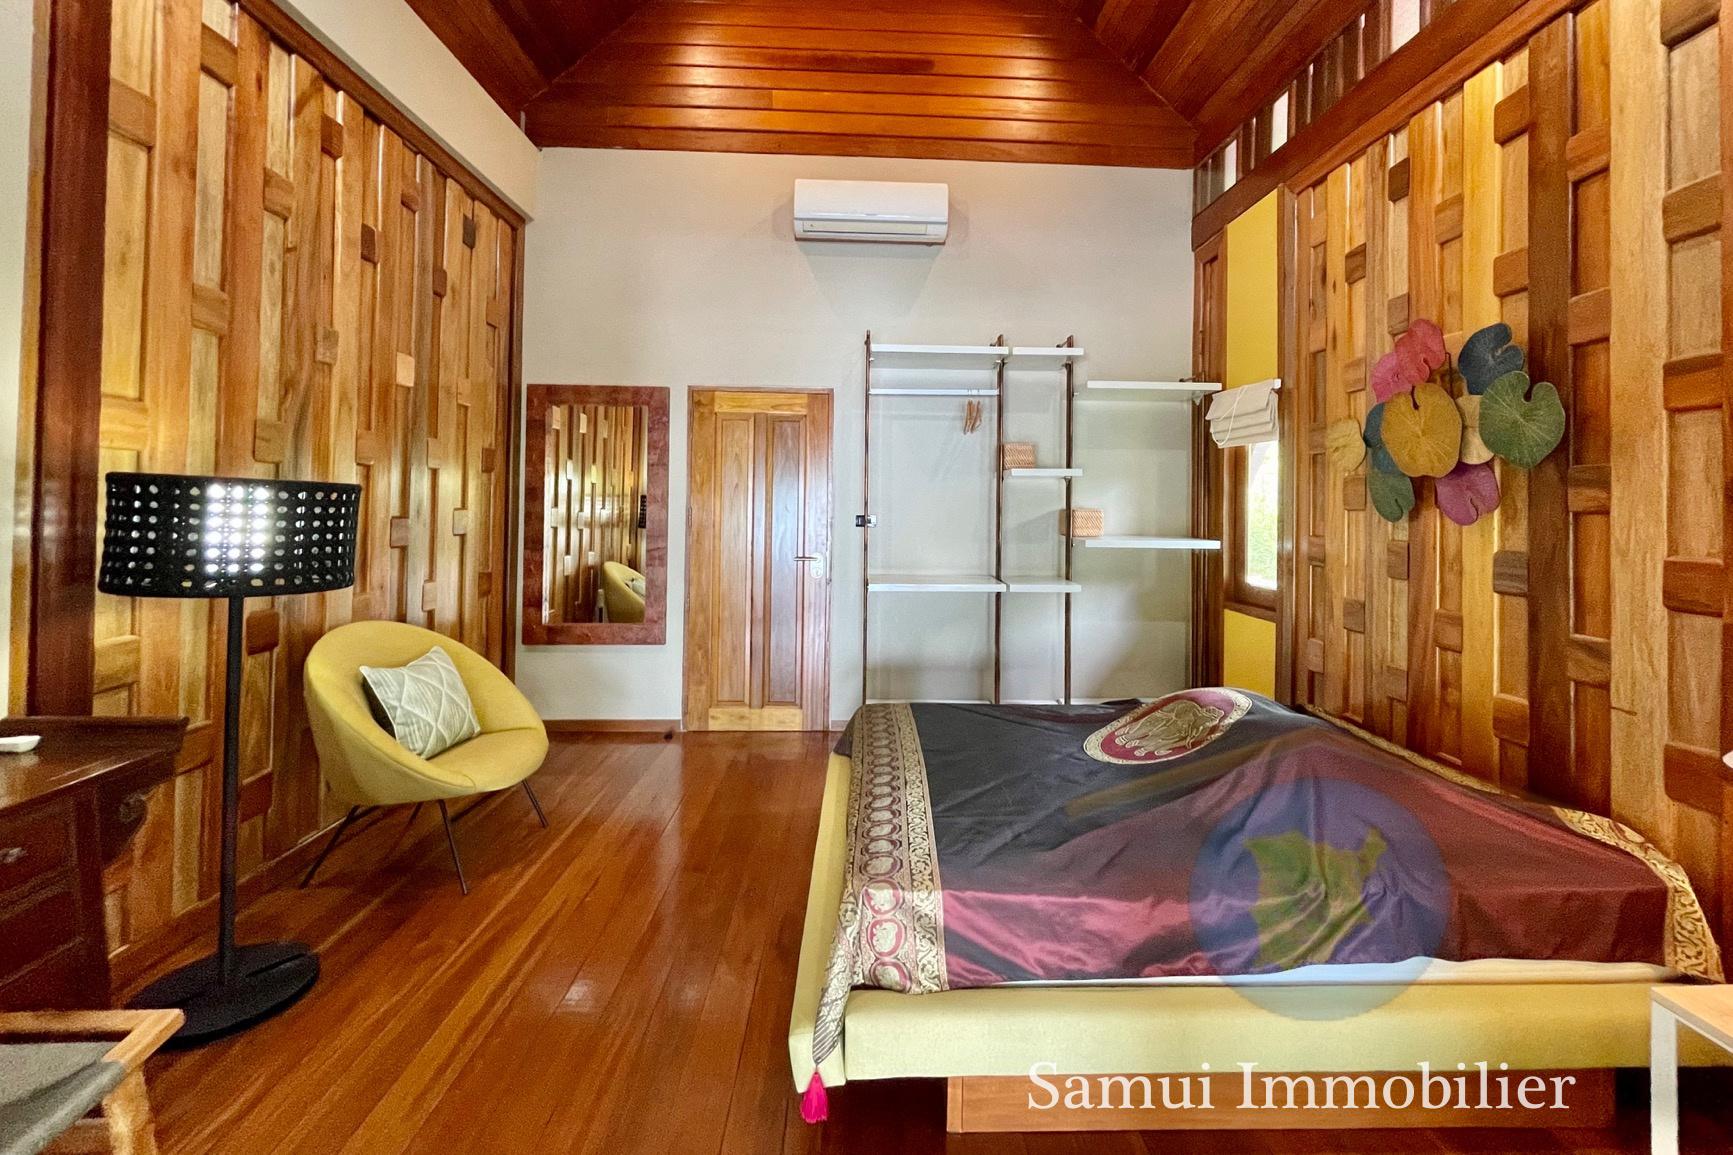 Villa à vendre - 3 chambres - bord de mer - Tong Krut